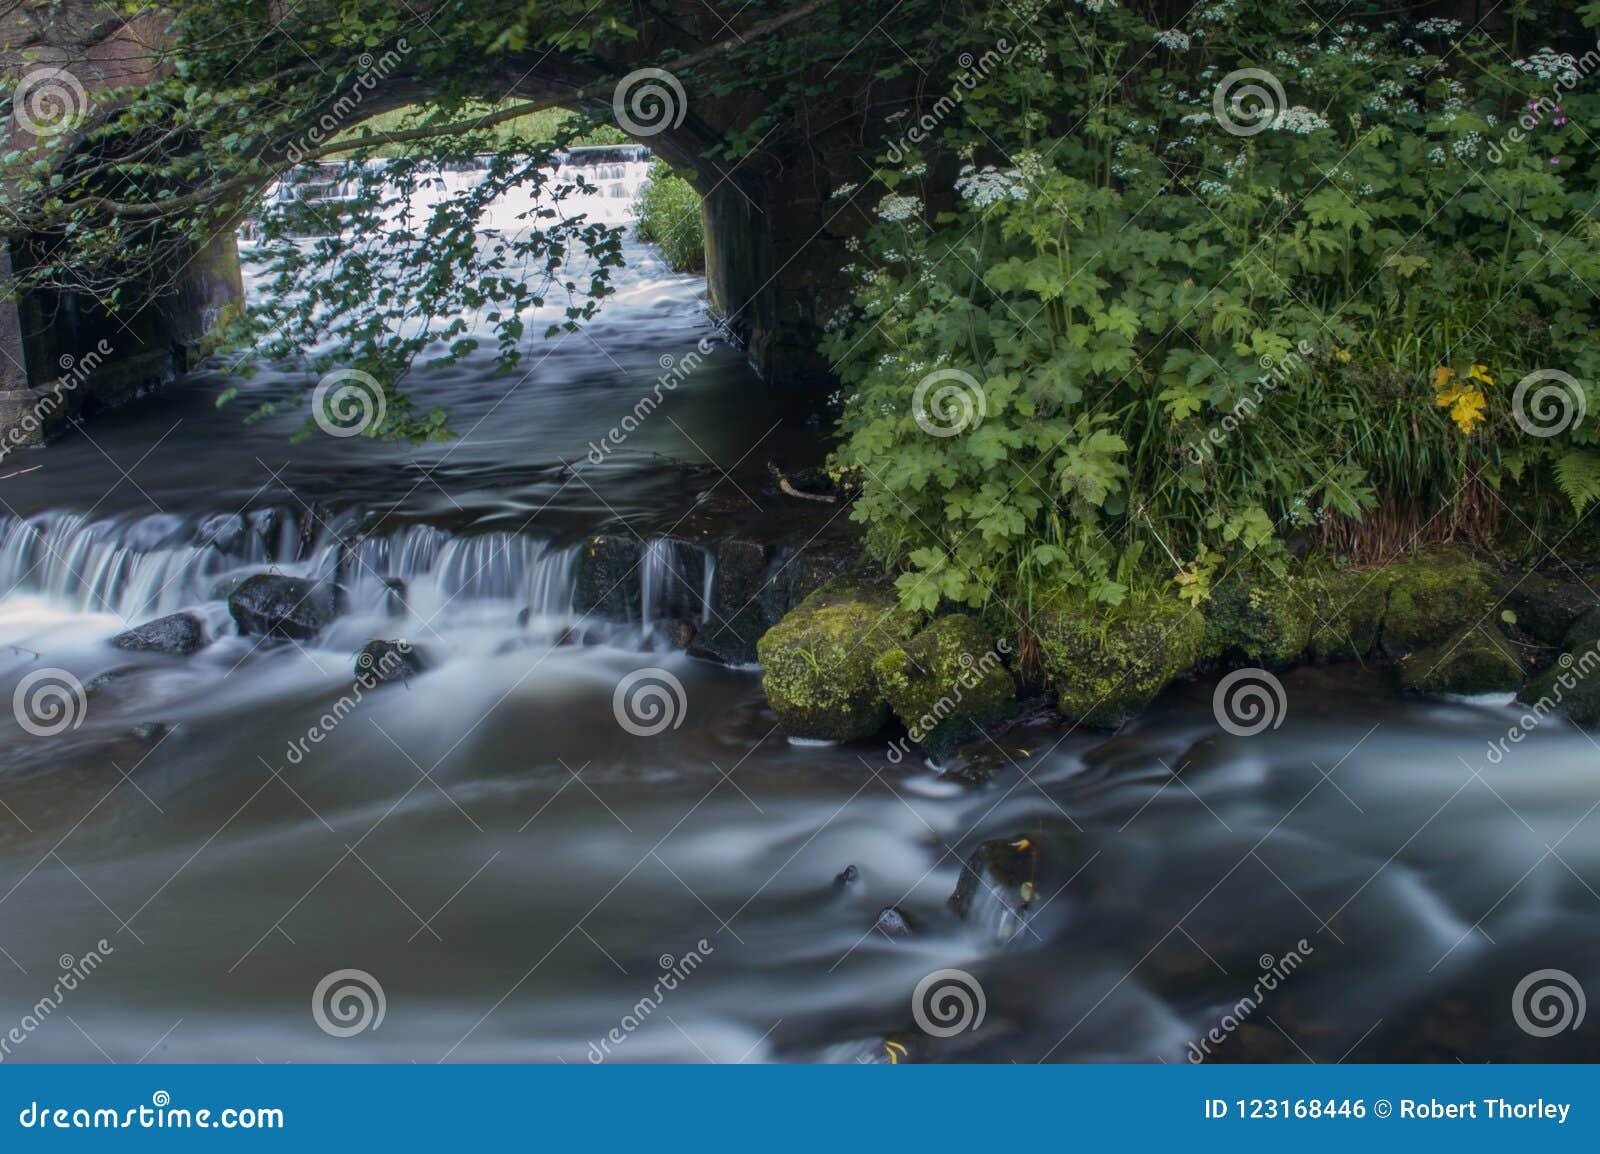 Bianco latteo girato dell acqua corrente tramite un esposizione lunga come scorre intorno alle rocce muscose verdi e marroni